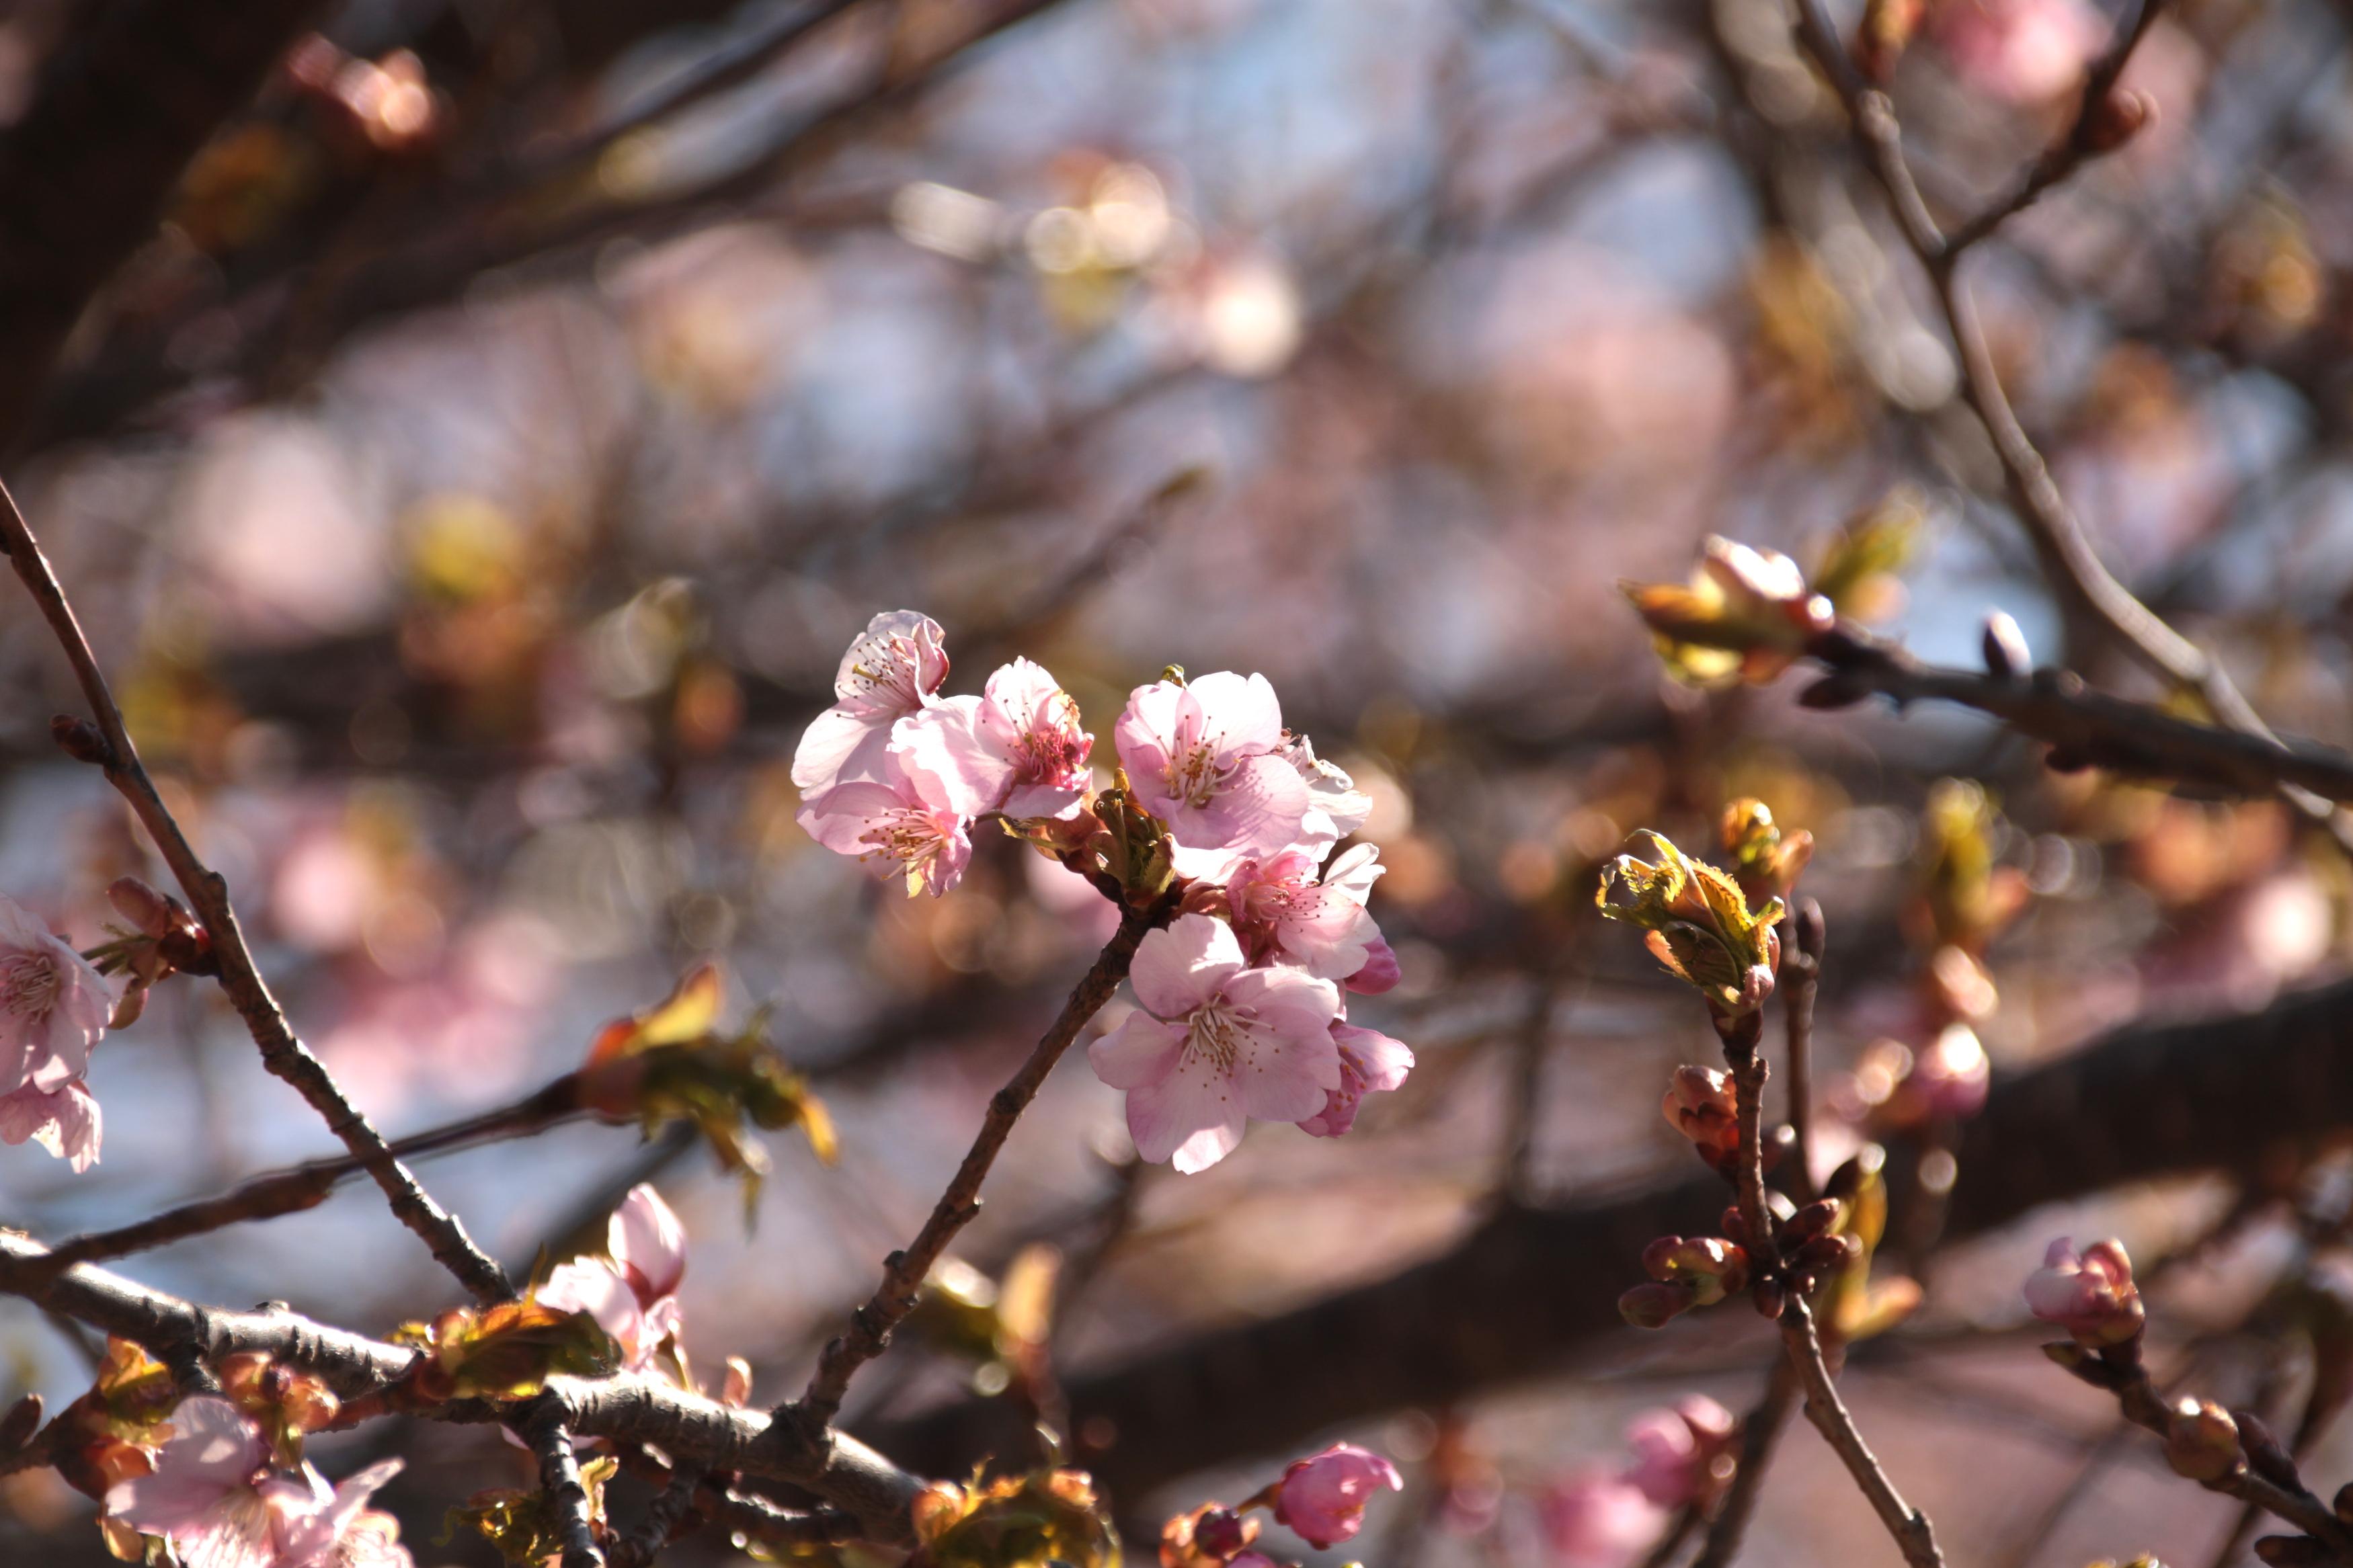 4月13日 桜巡り『滝桜〜塩ノ崎の大桜〜合戦城城のしだれ桜』